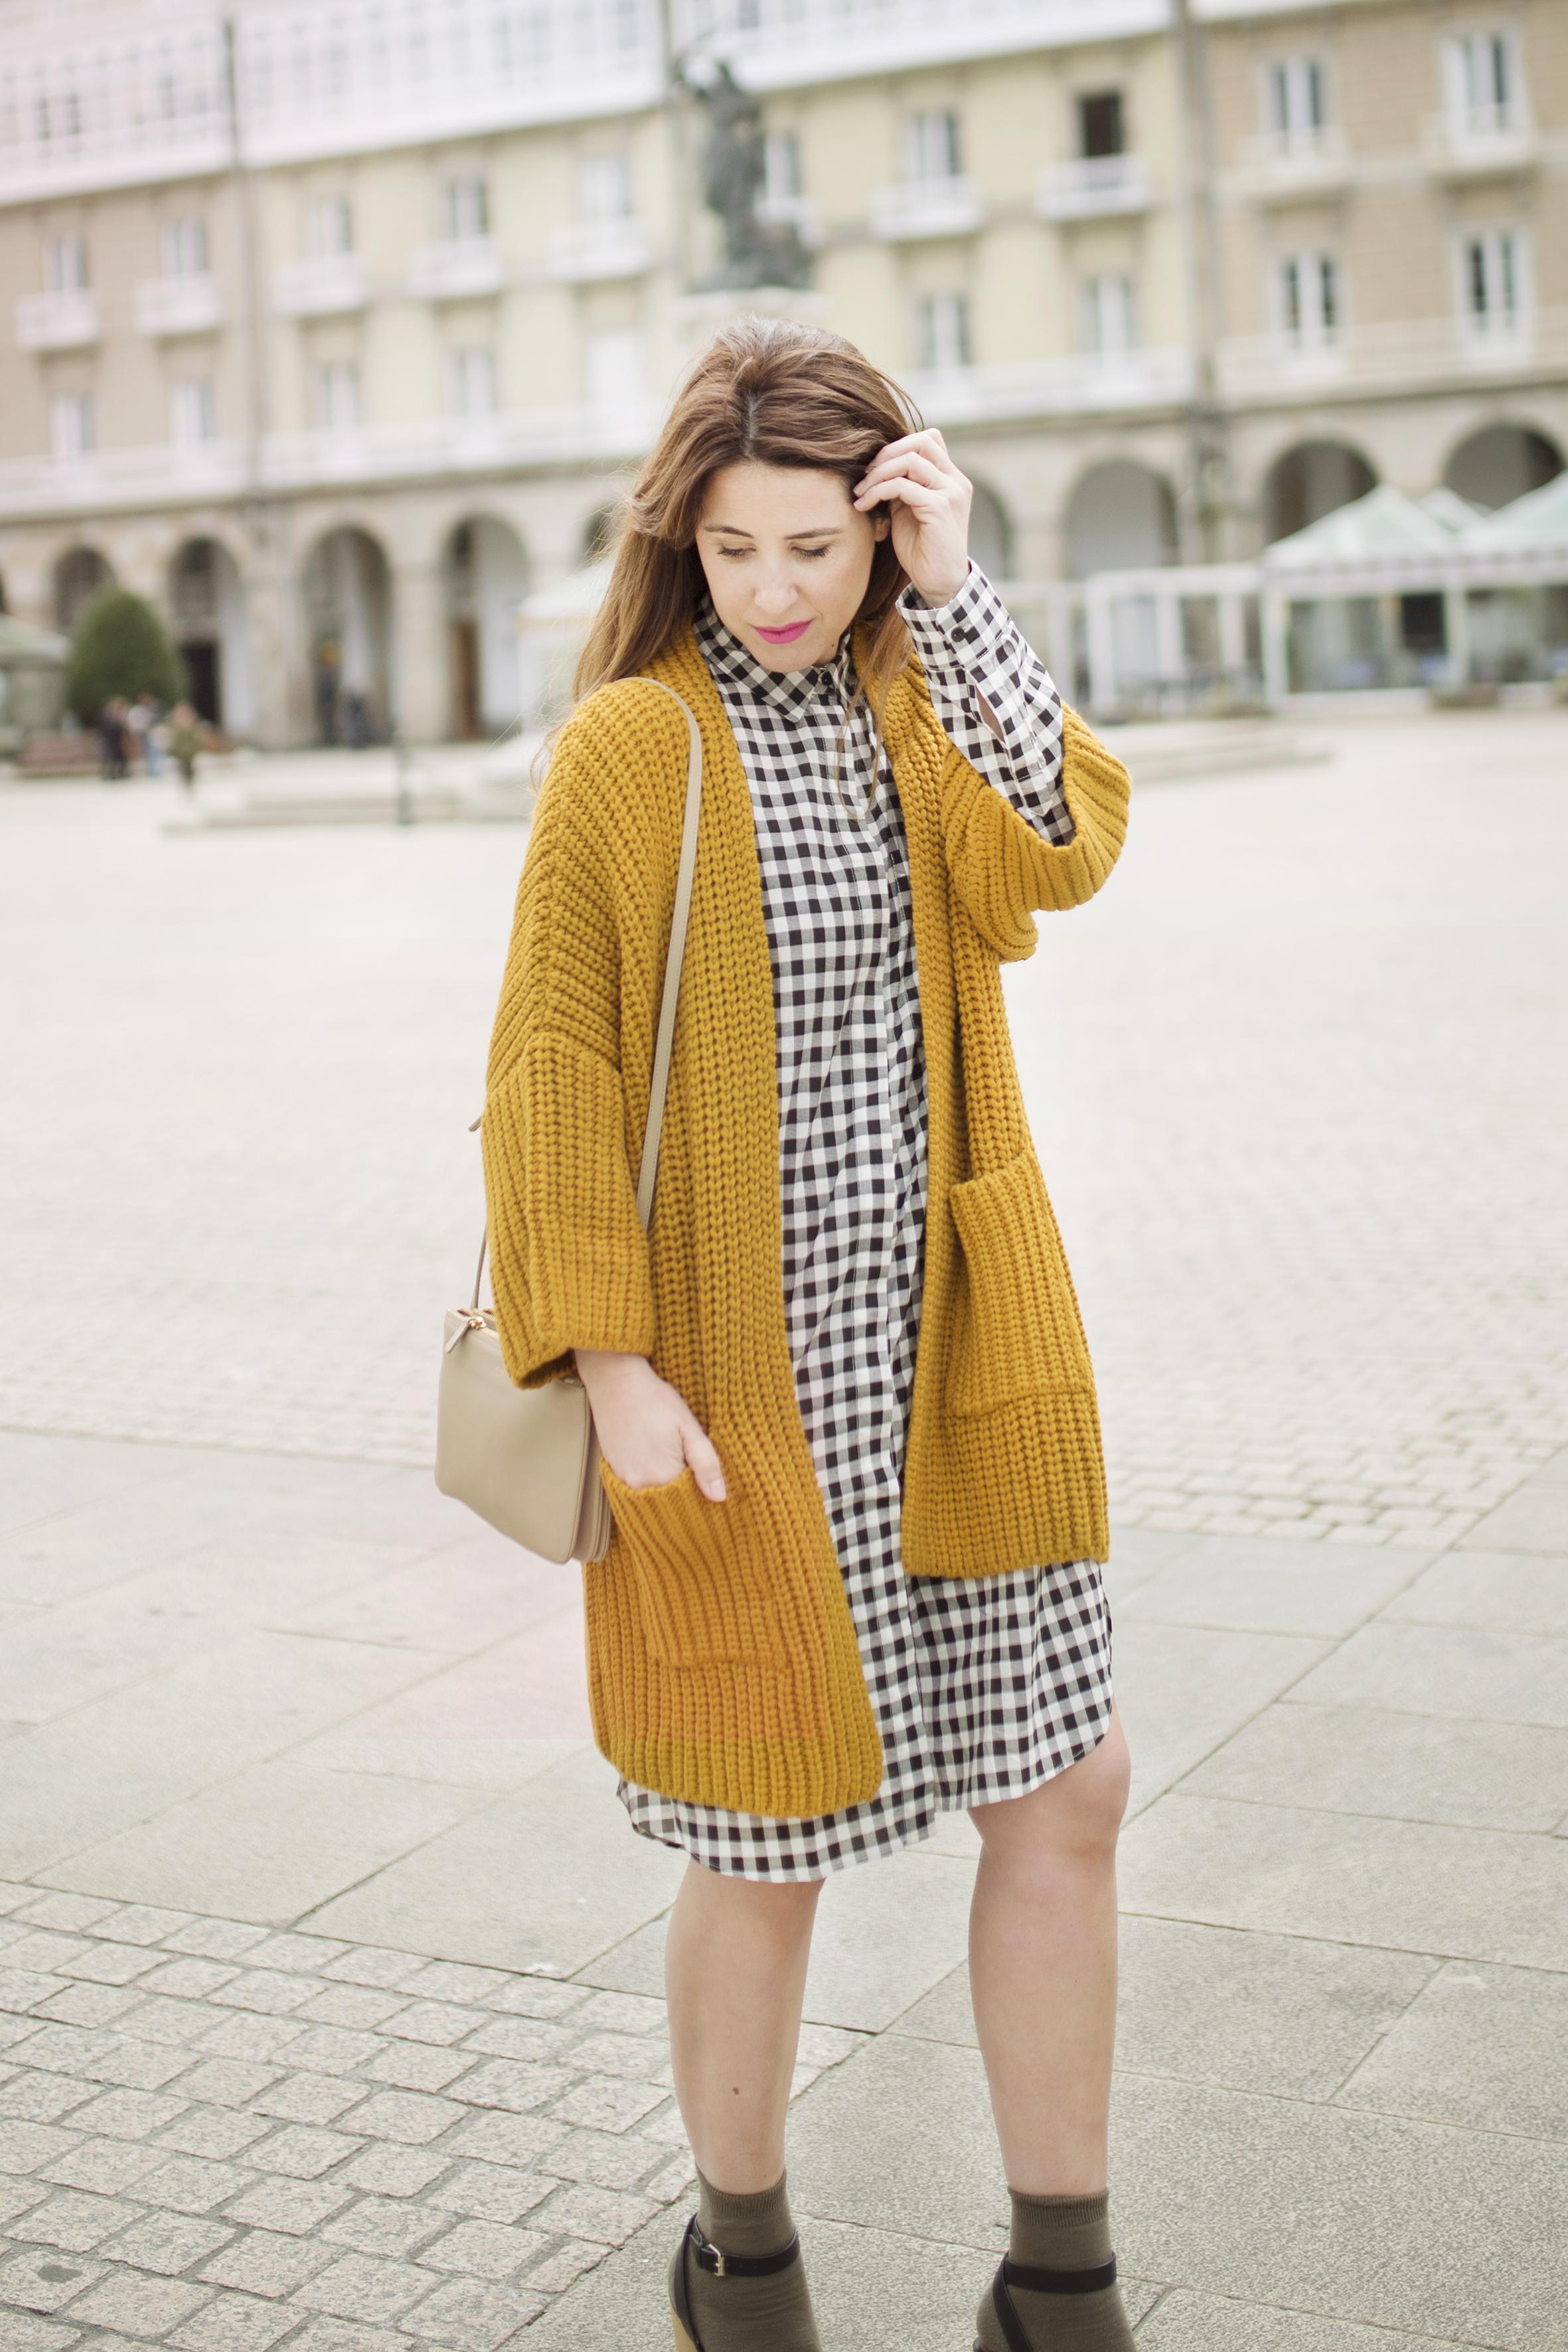 coruña- streetstyle- blogger -descalzaporelparque-dress shirt- cuadros- mostaza-Mango- vestido camisero- cuadros- lifestyle